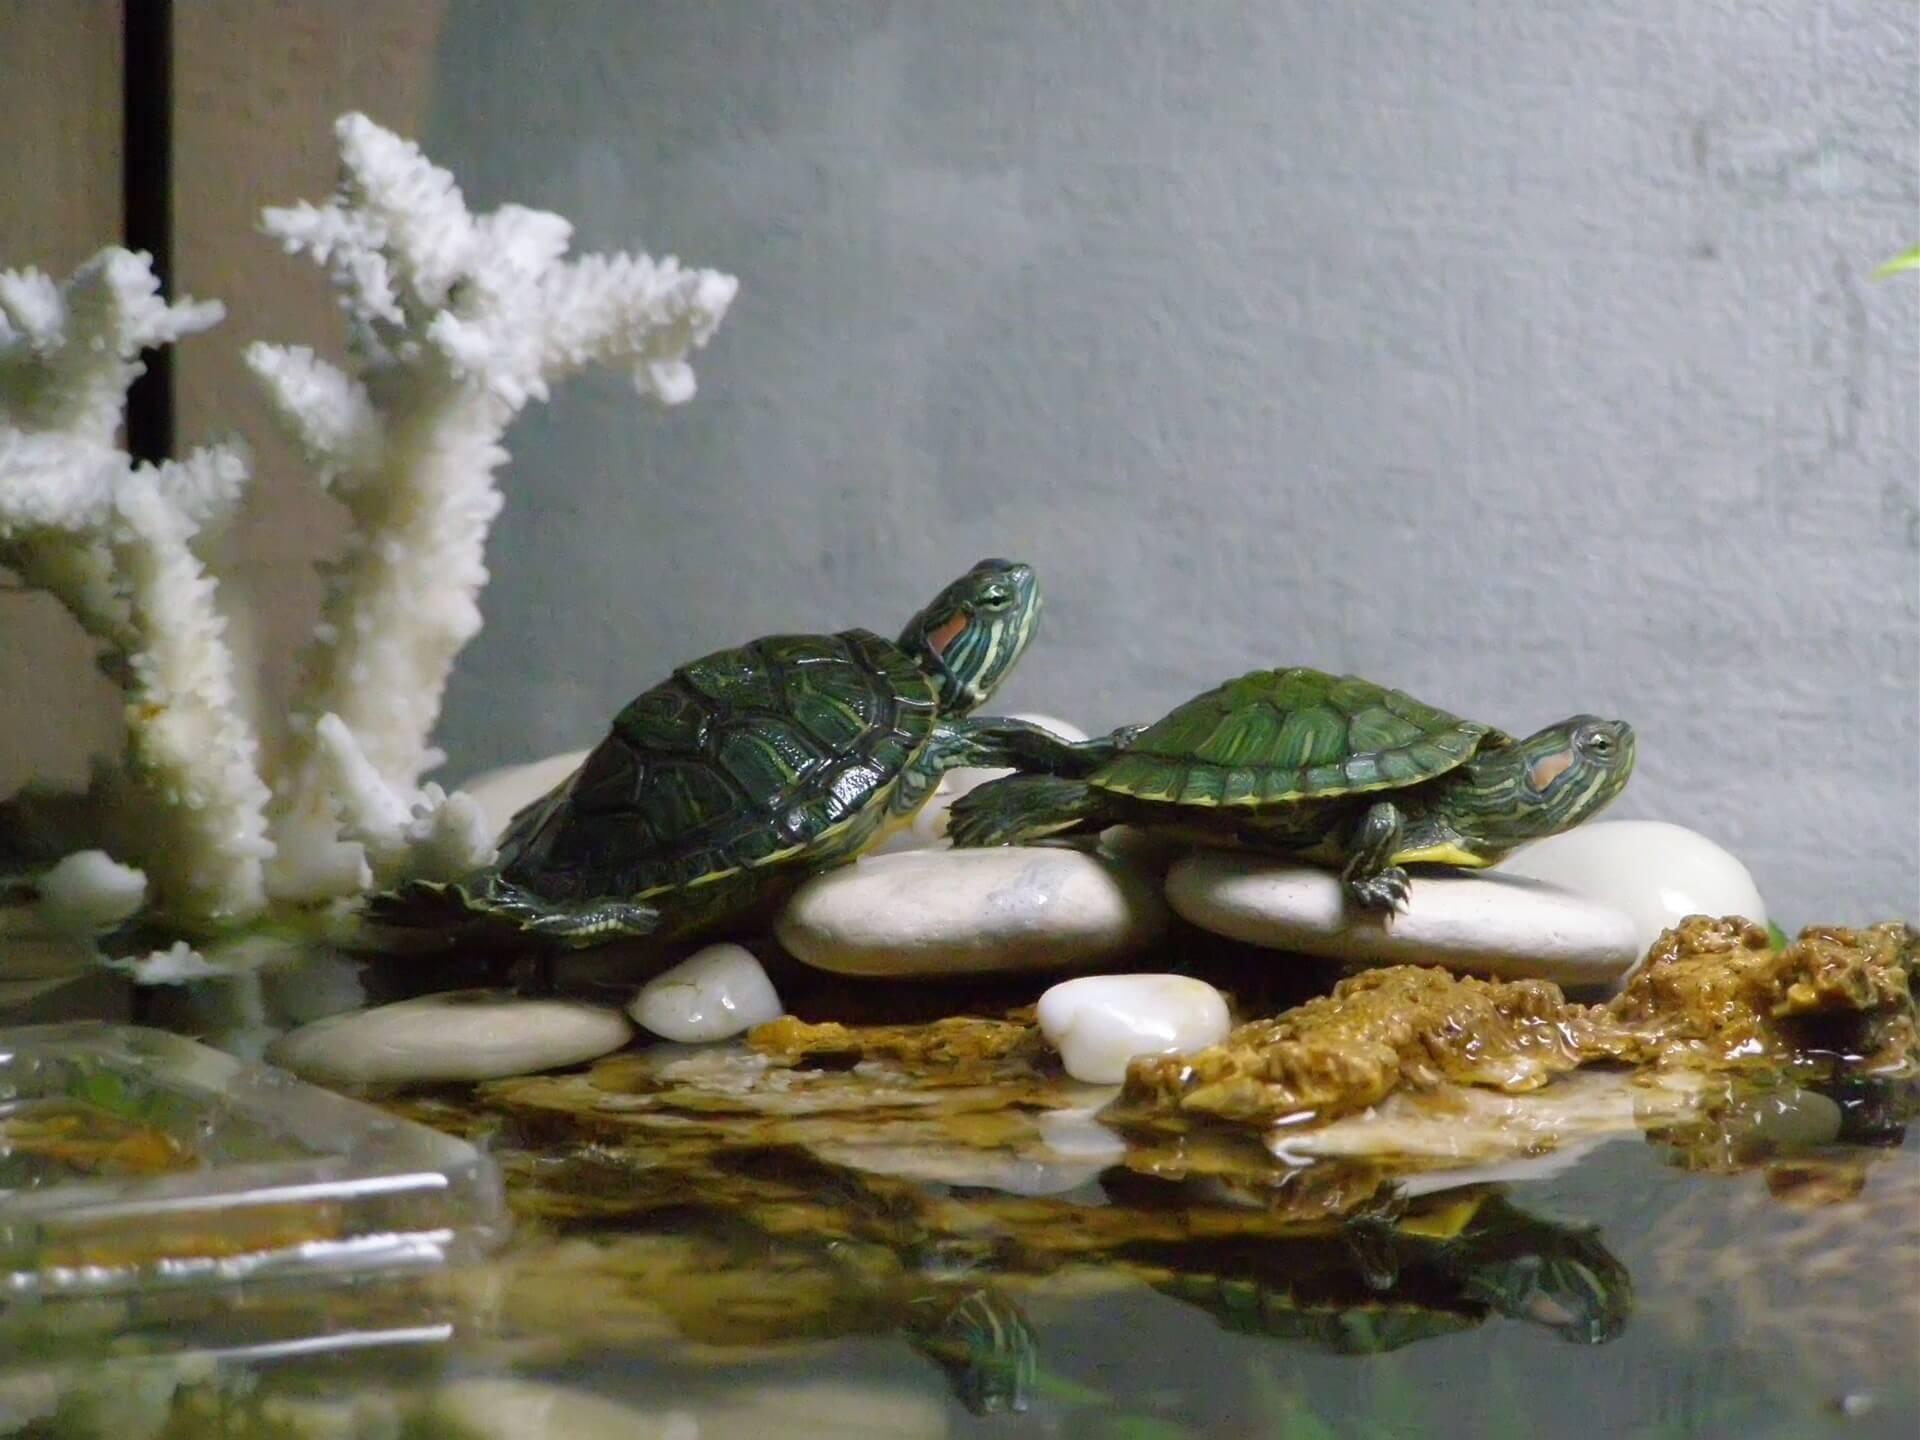 картинки аквариума для черепашки вам попробовать клафути